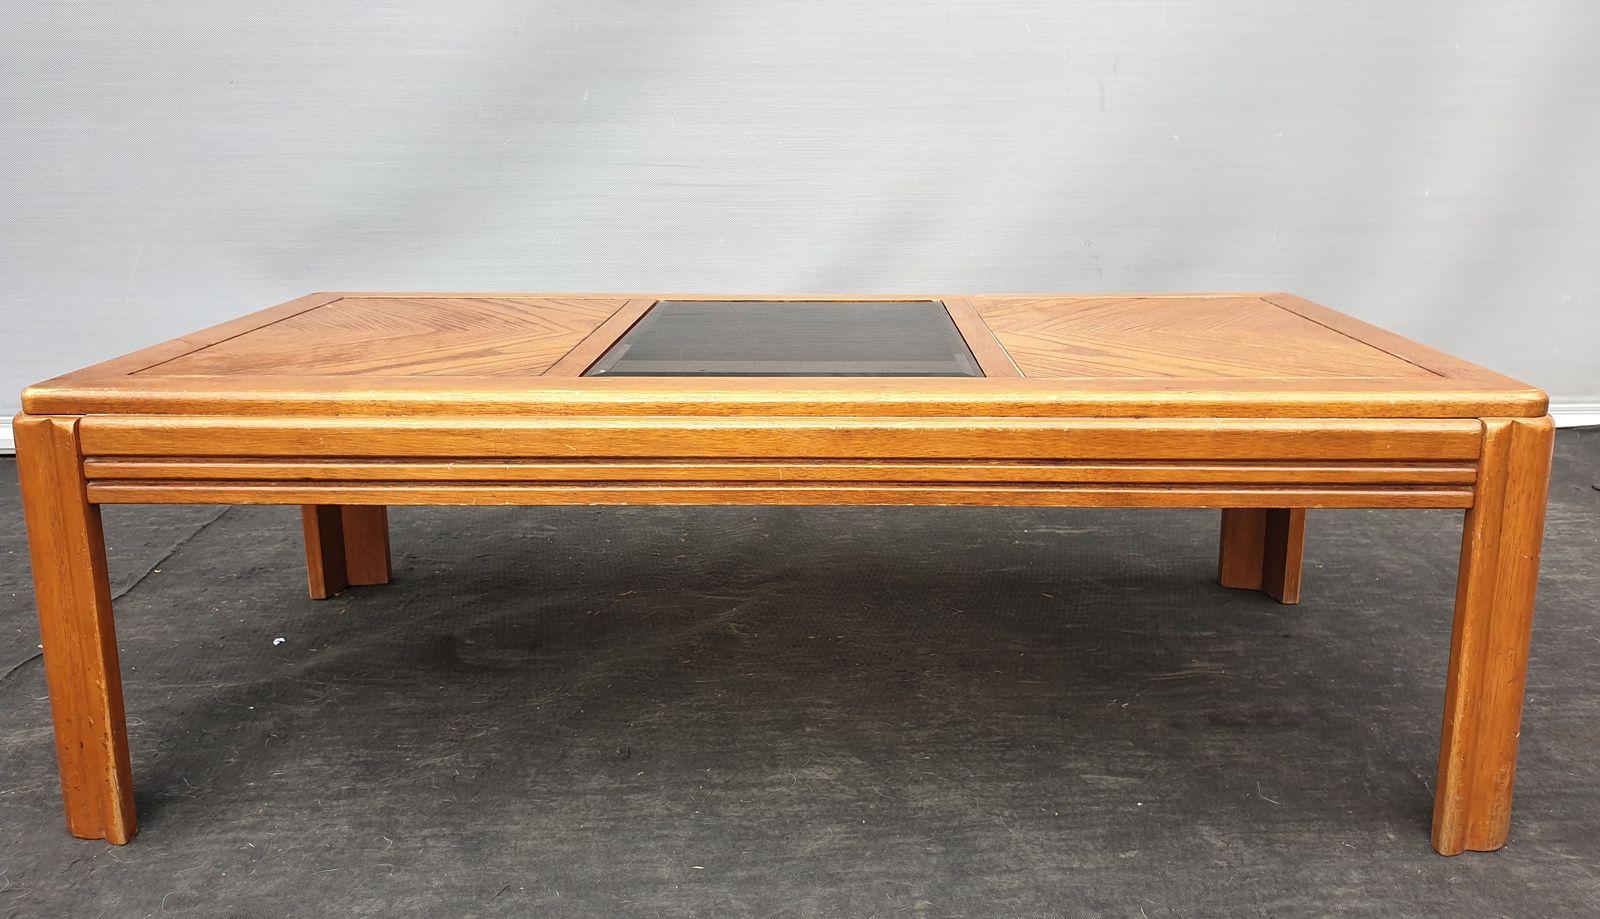 Table basse vintage Chêne et cadre central verre fumé - 75 euros